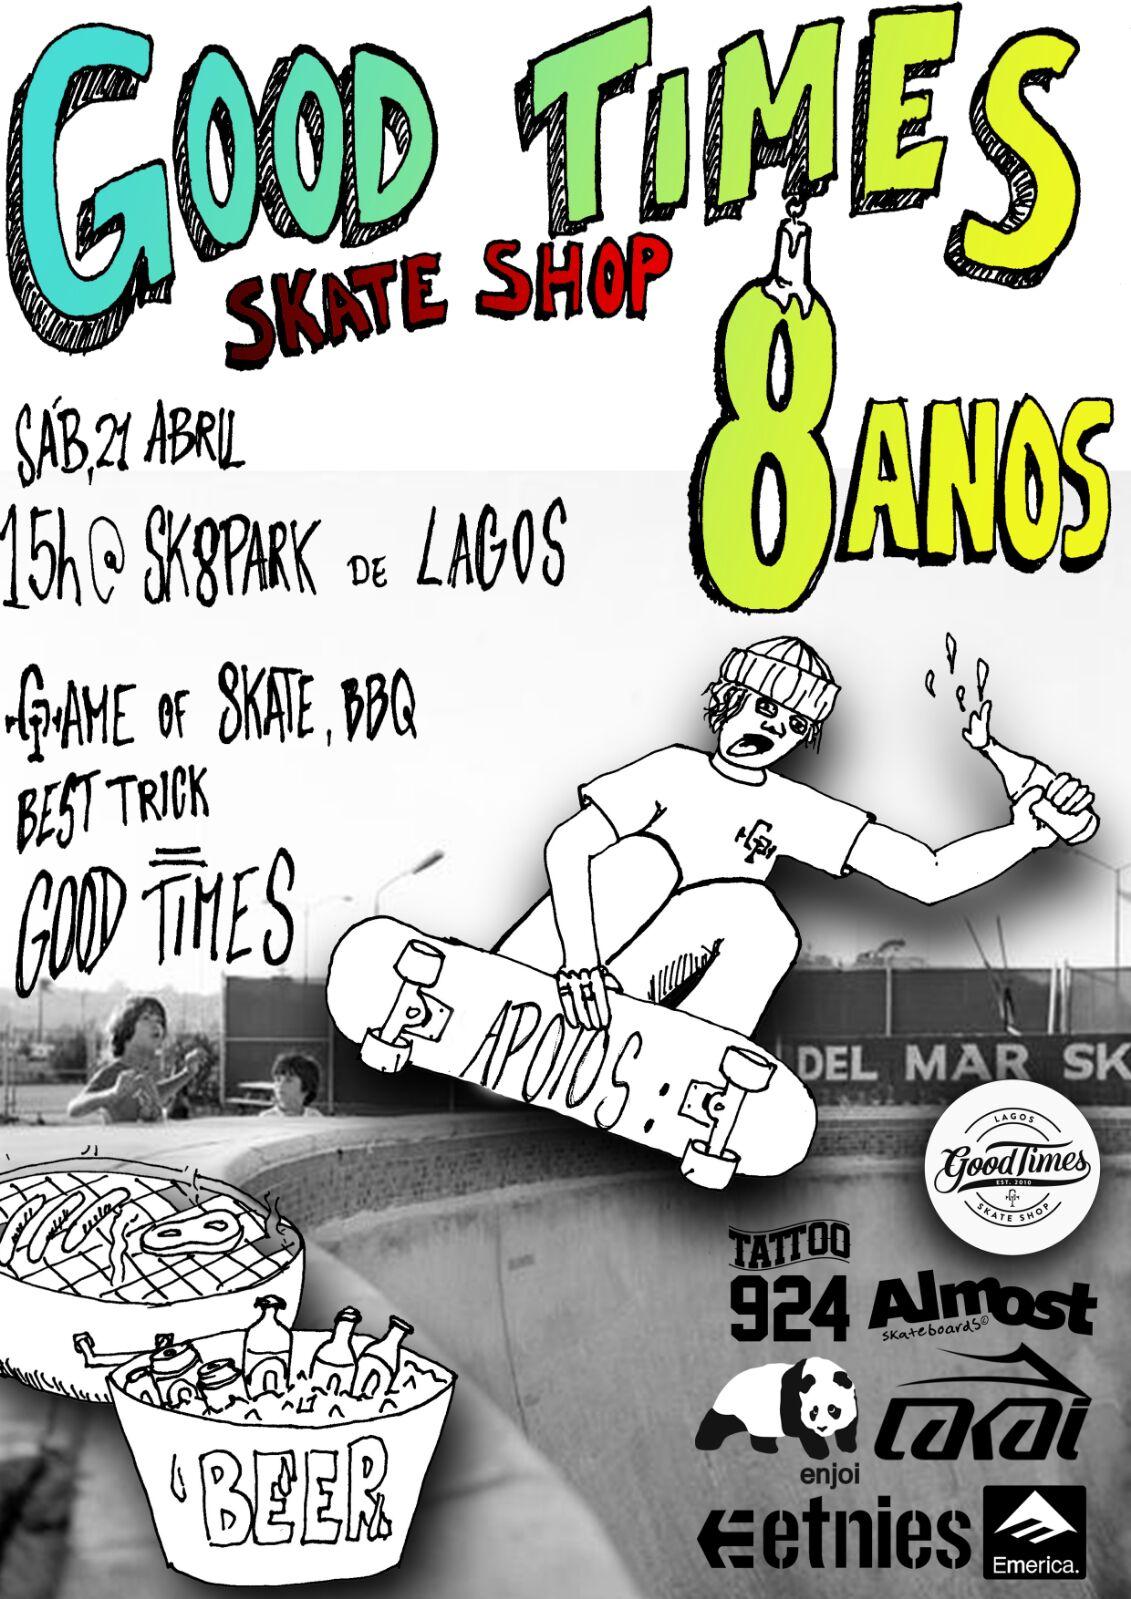 Aniversário Goodtimes Sk8 Shop – Lagos – 21 De Abril